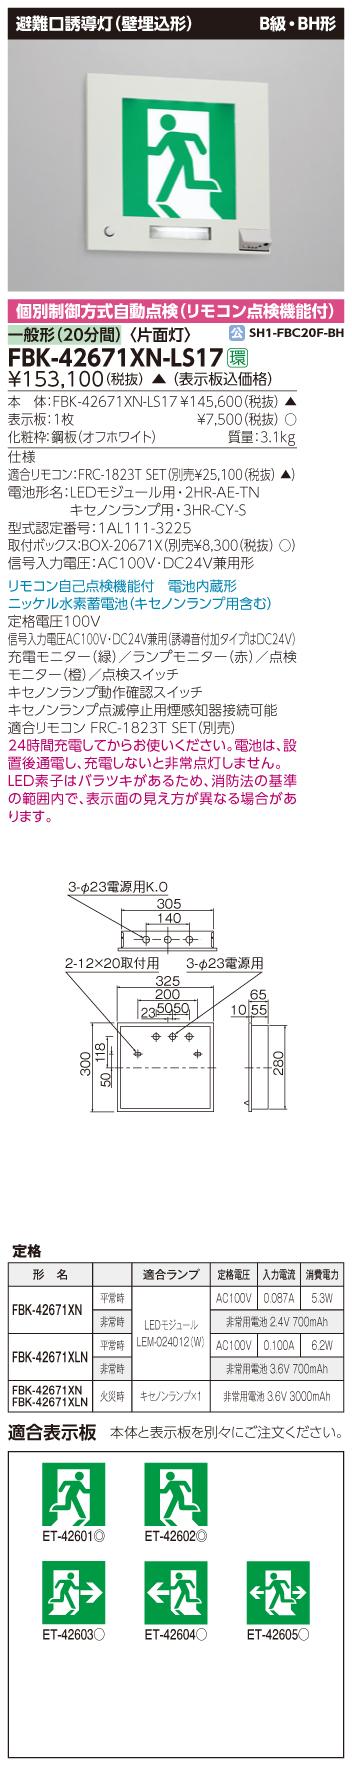 【法人様限定】東芝 FBK-42671XN-LS17 LED誘導灯 壁埋込形 点滅形 電池内蔵 片面 B級BH形 一般形(20分) 【表示板別売】